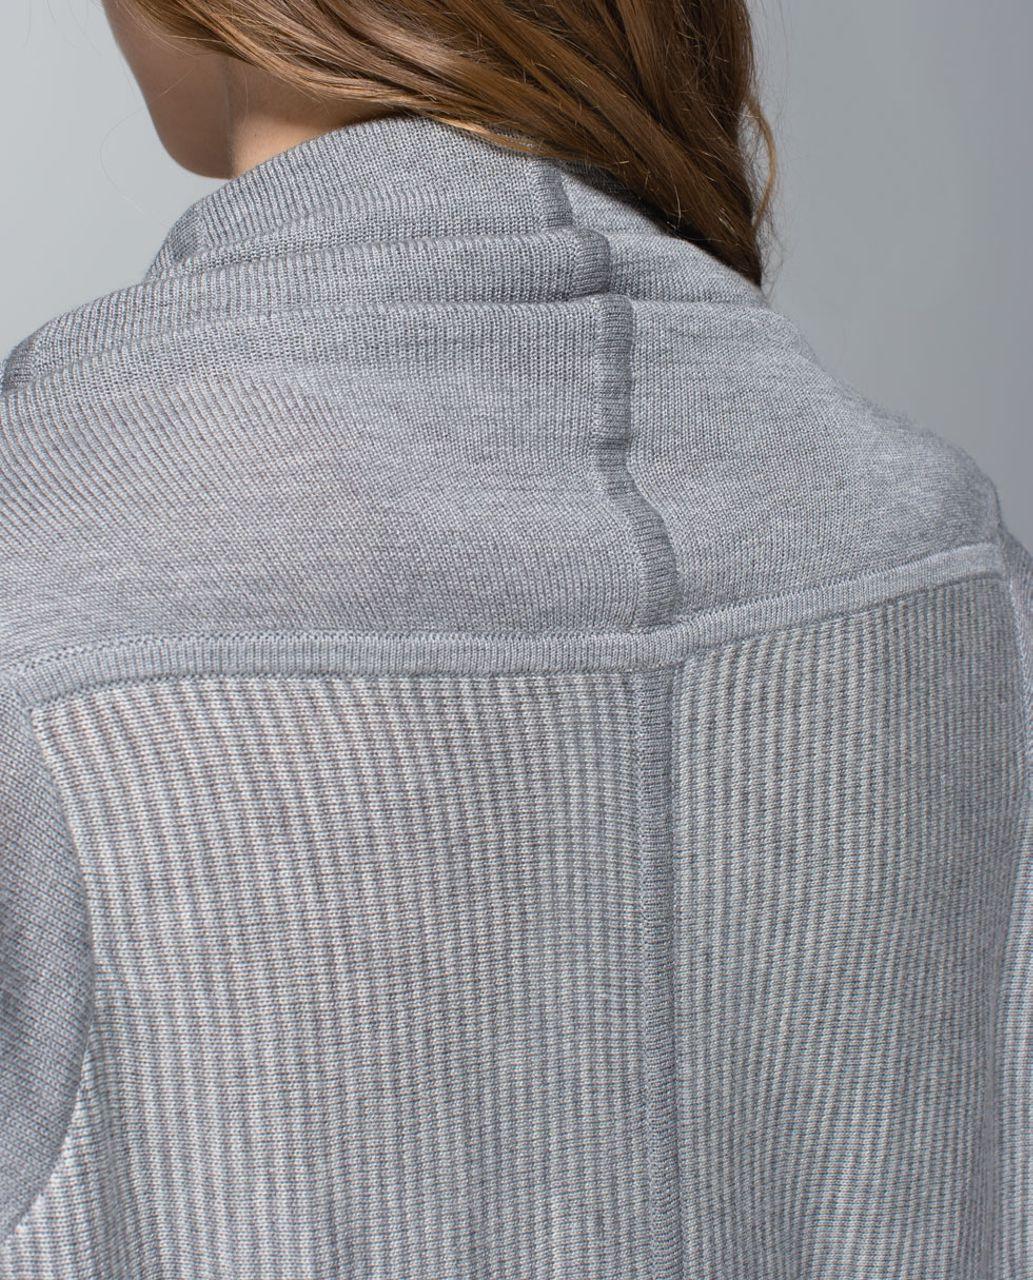 27e6f38dbf Lululemon Iconic Sweater Wrap - Heathered Medium Grey   Heathered Light Grey